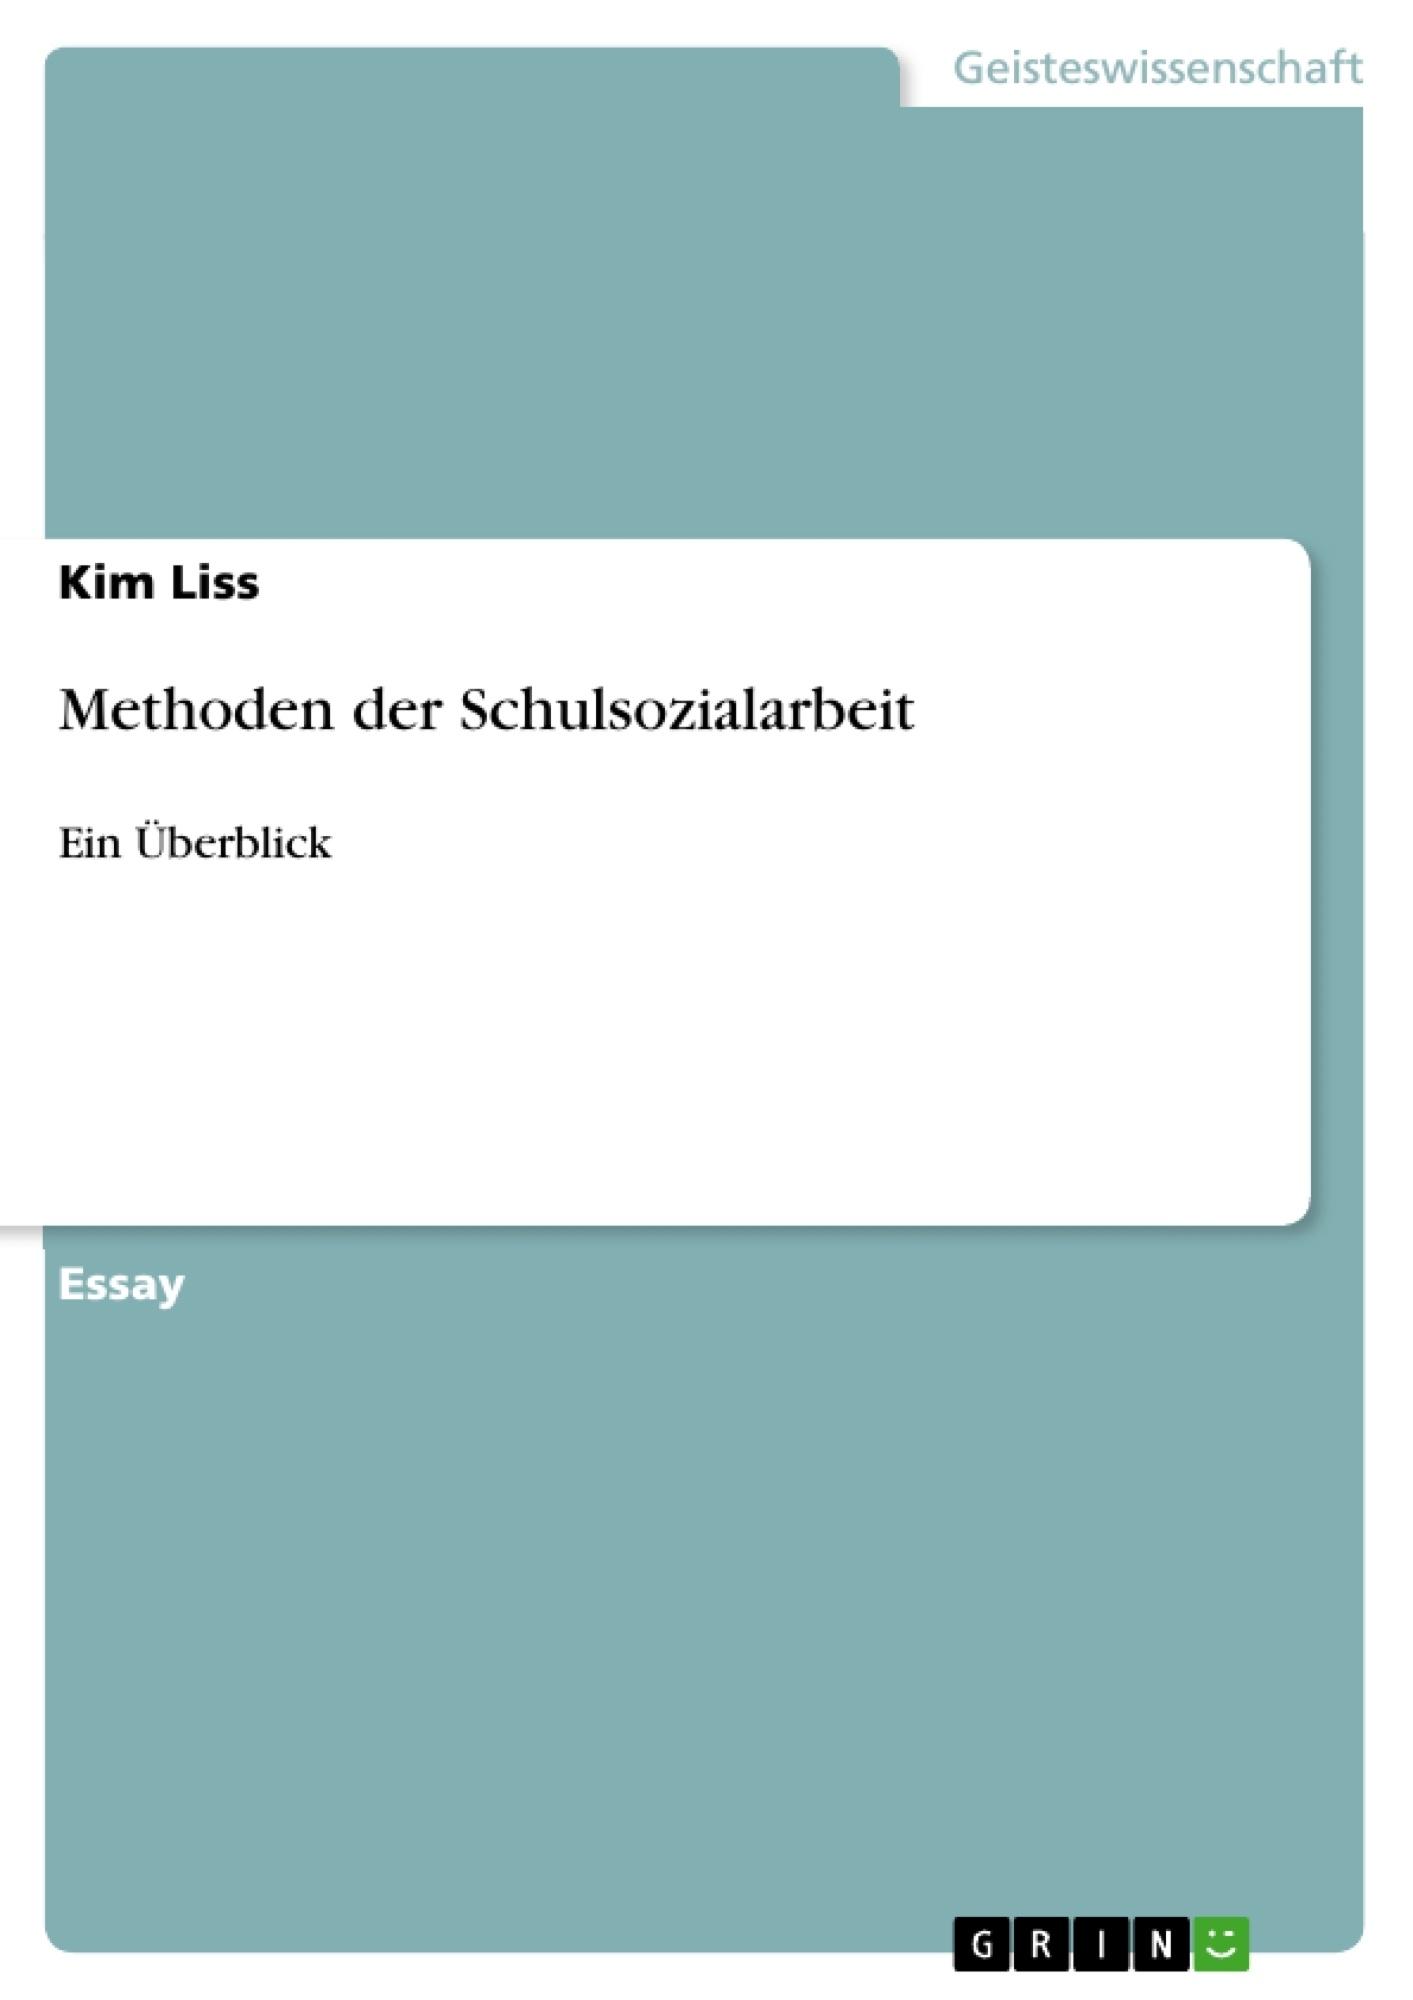 Titel: Methoden der Schulsozialarbeit